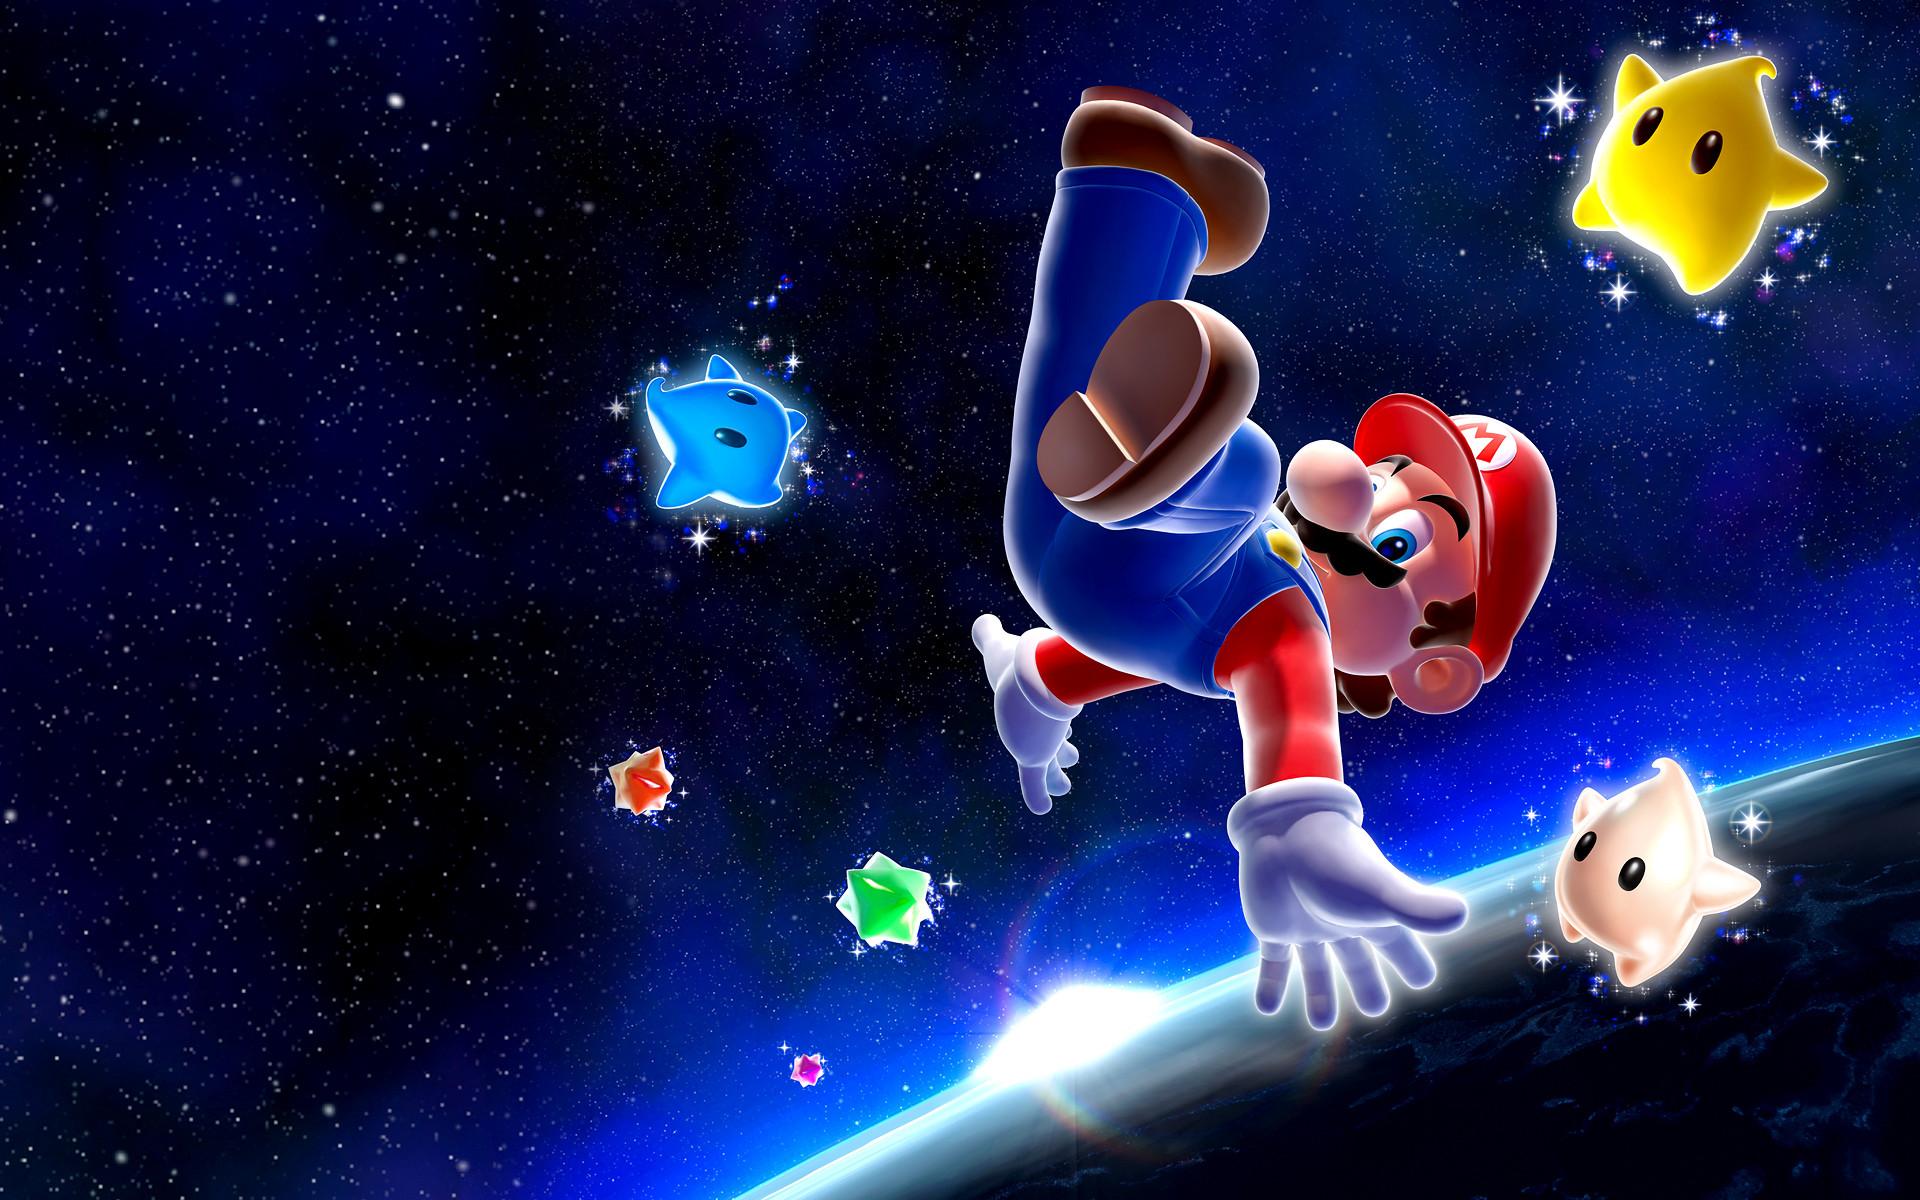 Super Mario Galaxy · download Super Mario Galaxy image